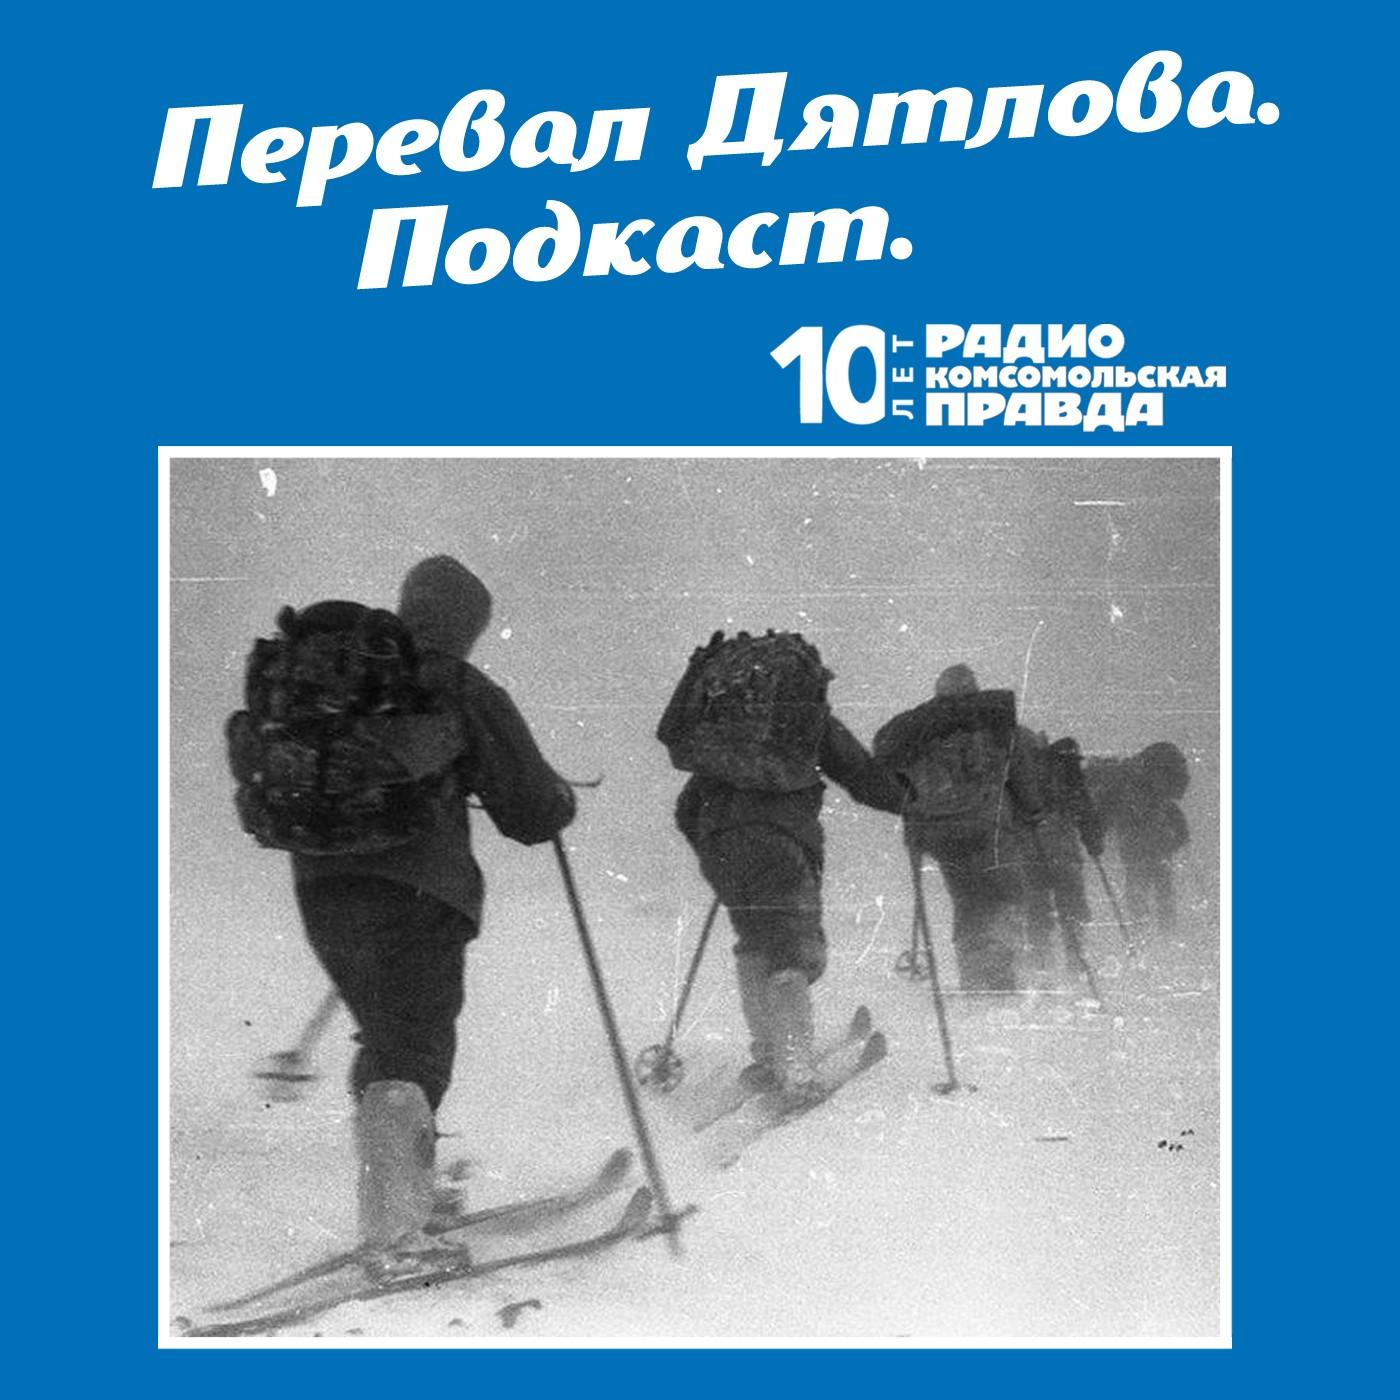 Трагедия на перевале Дятлова: 64 версии загадочной гибели туристов в 1959 году. Часть 31 и 32. фото